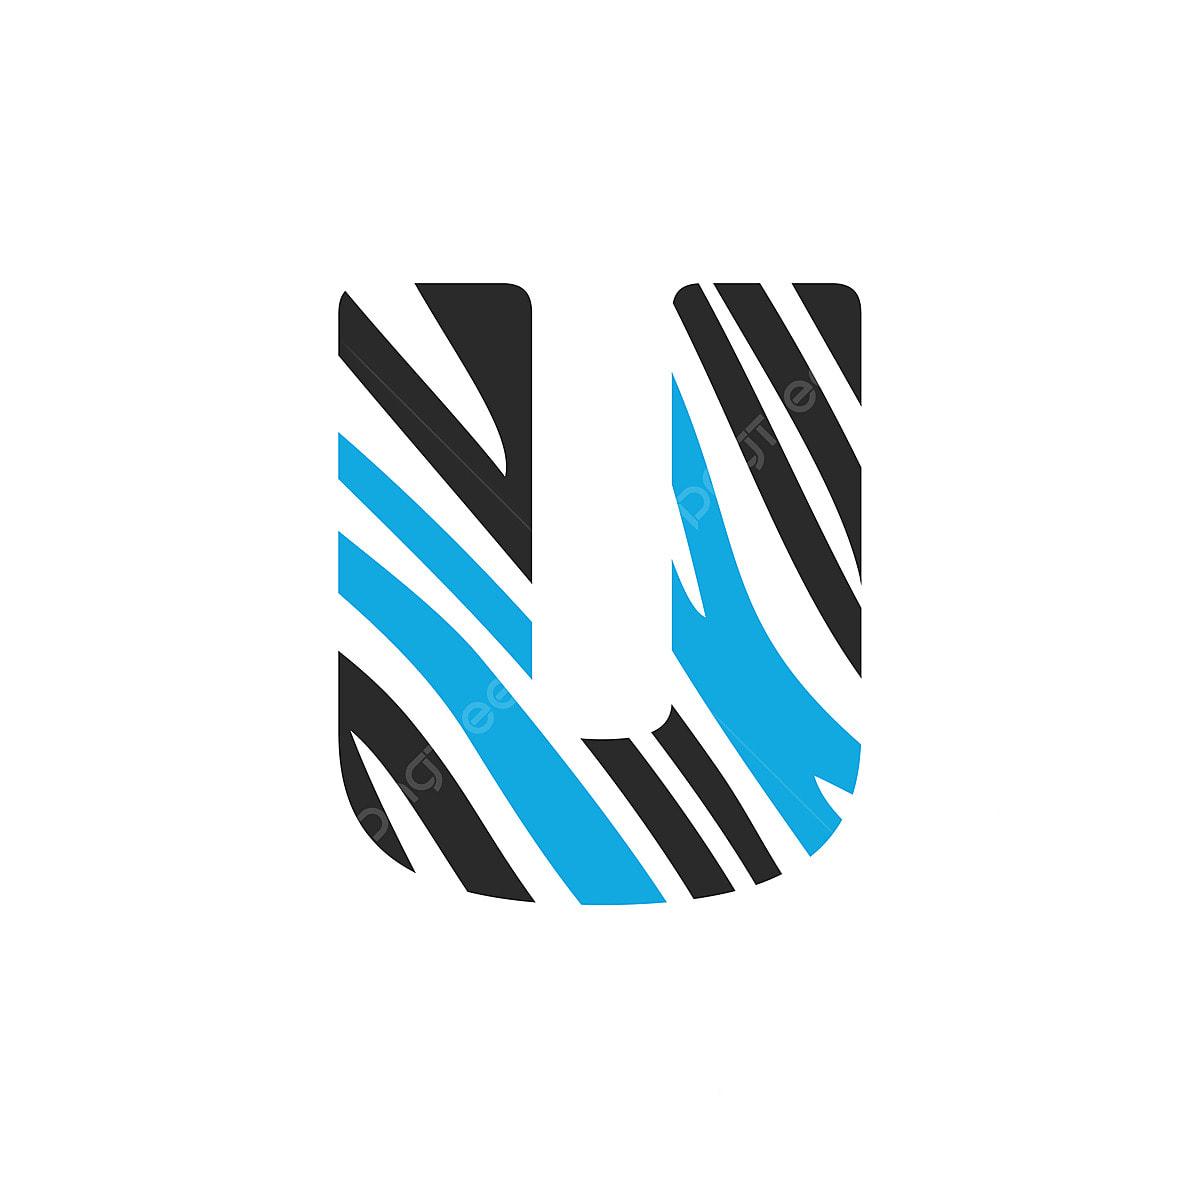 U Letter Logo Vector Design Initial Letter U Logo Design